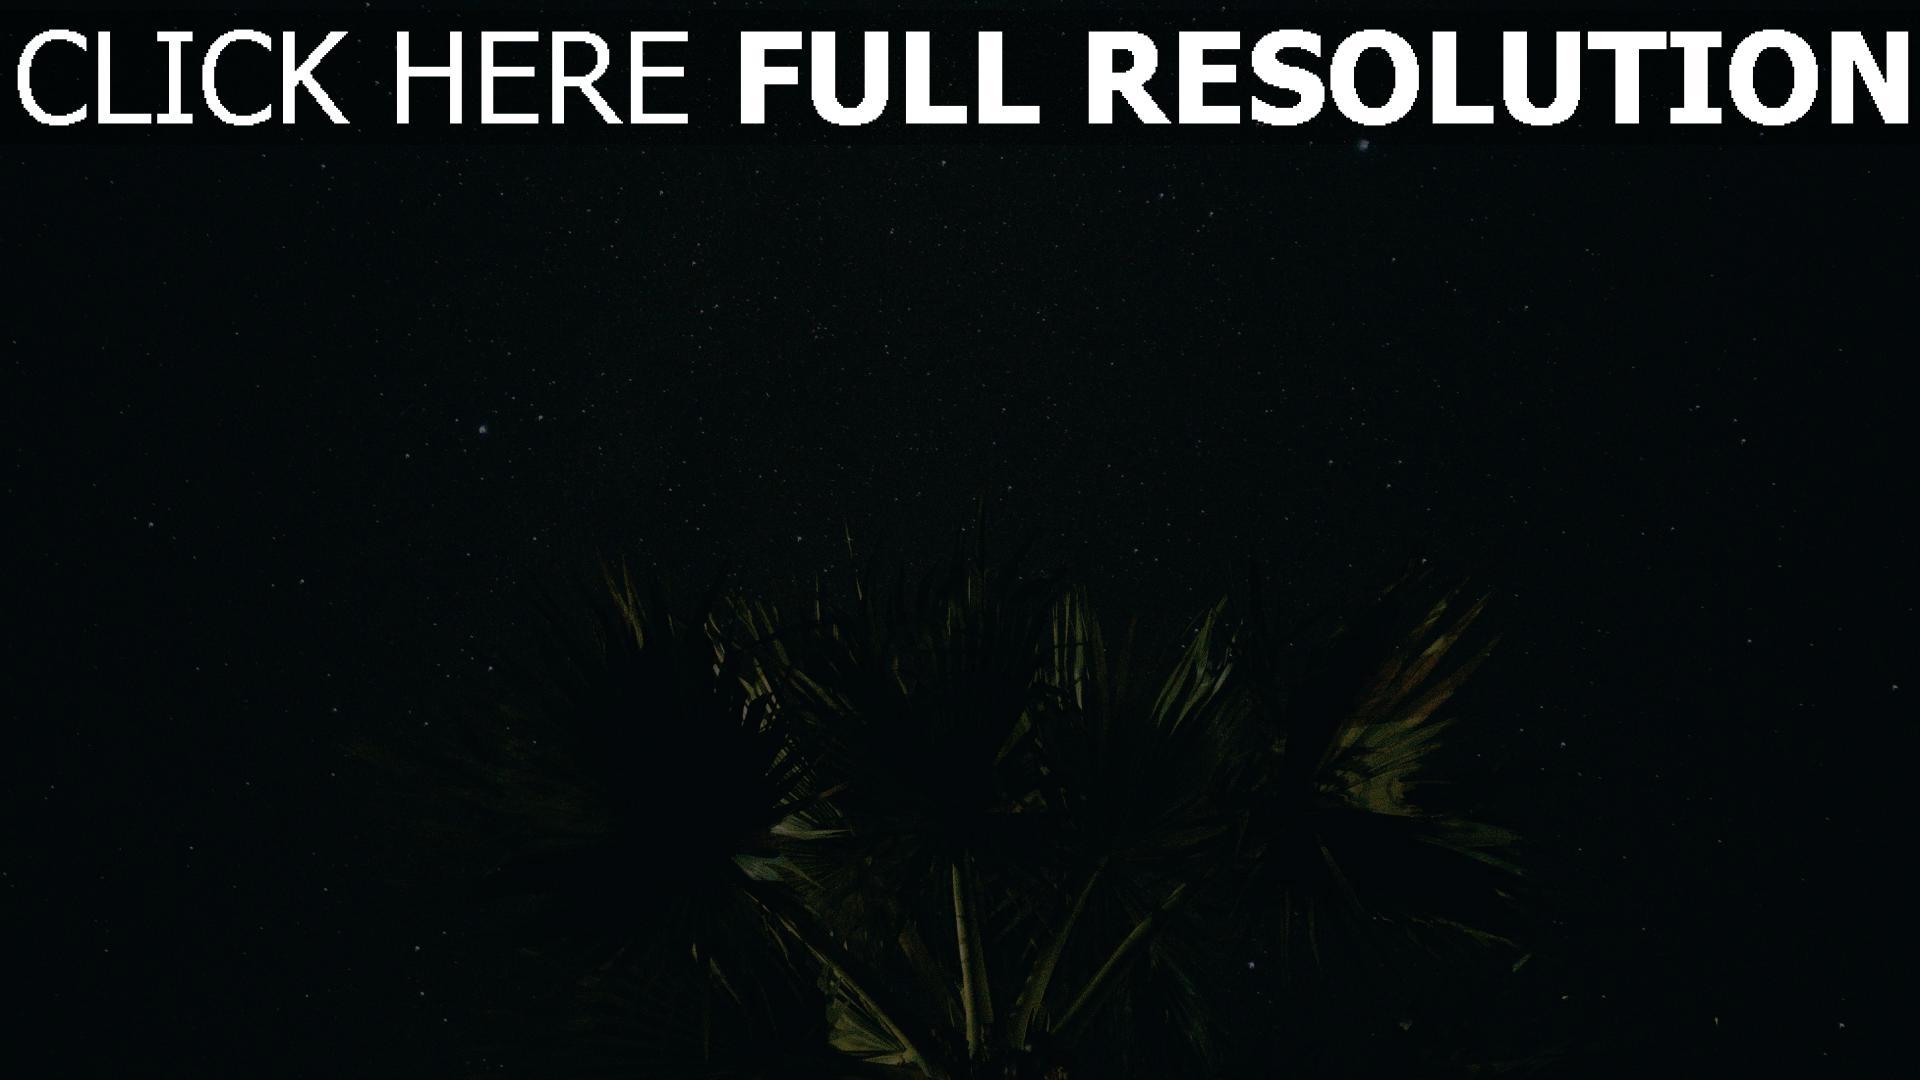 hd hintergrundbilder nacht sternenhimmel palme 1920x1080